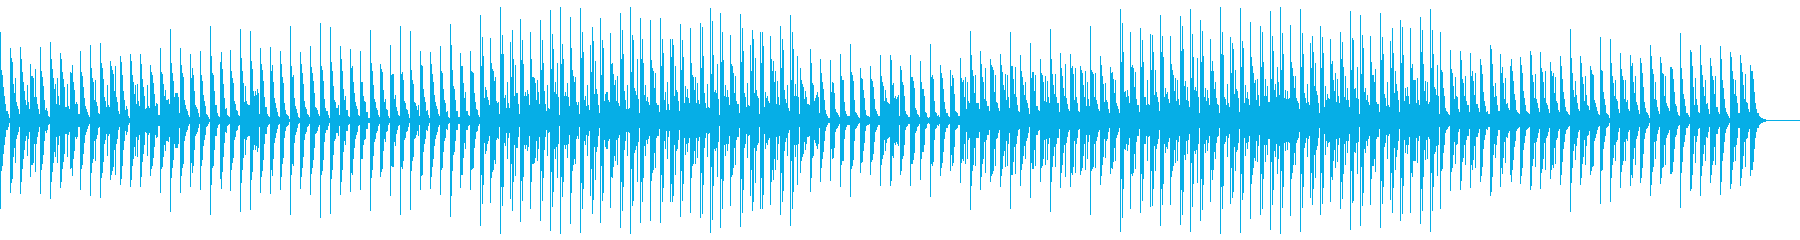 ベースなし バージョンの再生済みの波形